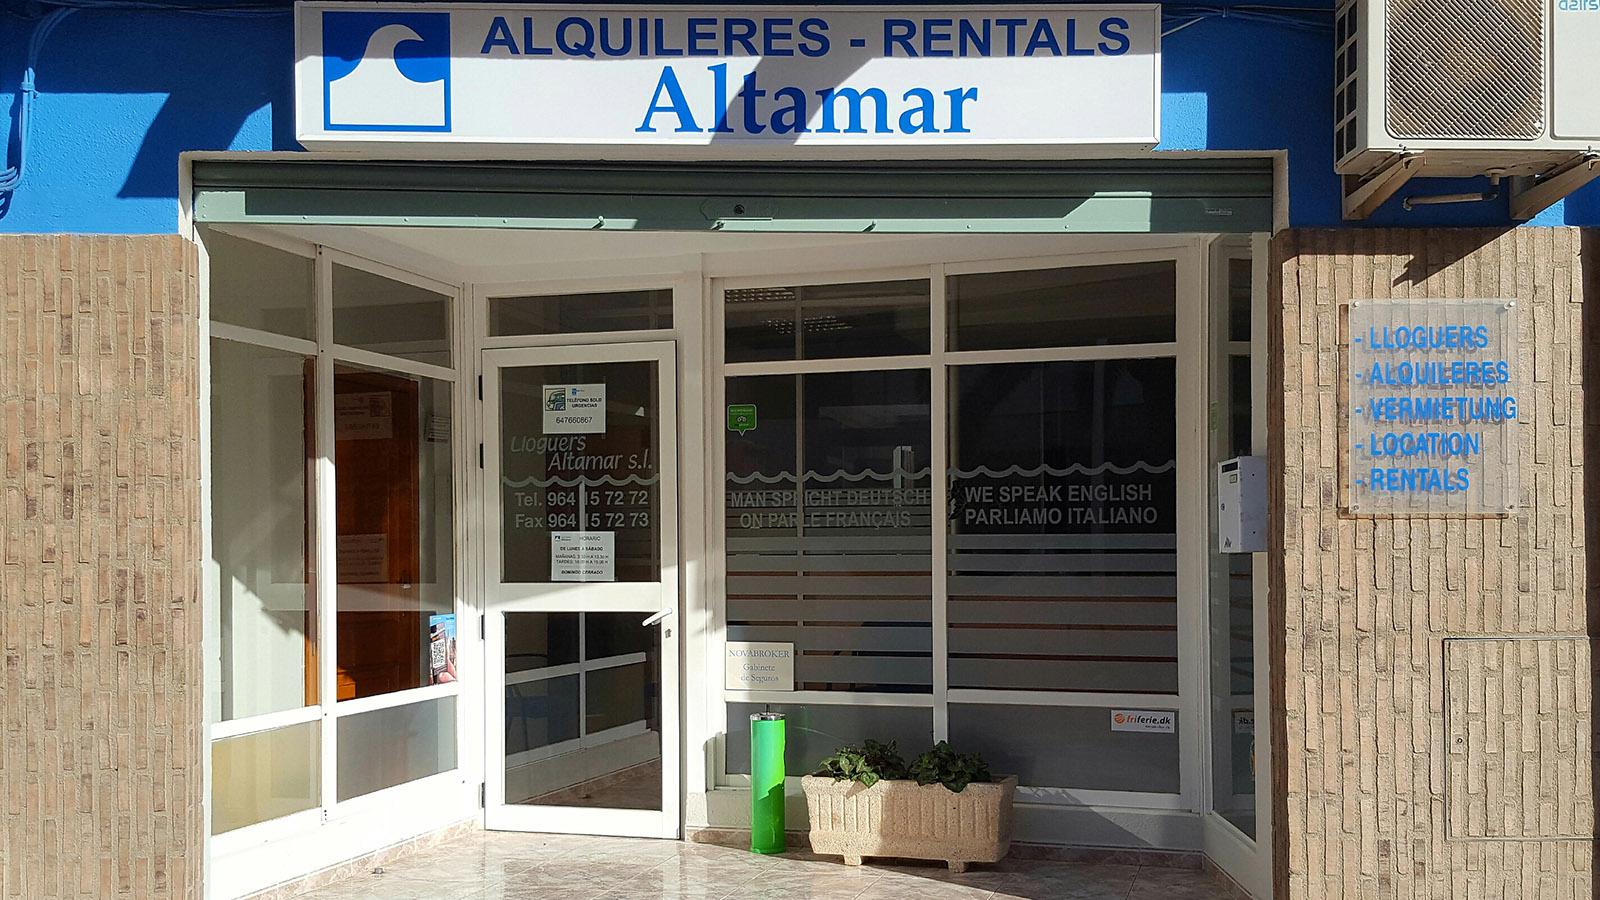 alquileres_lloguers_altamar_alcocebre